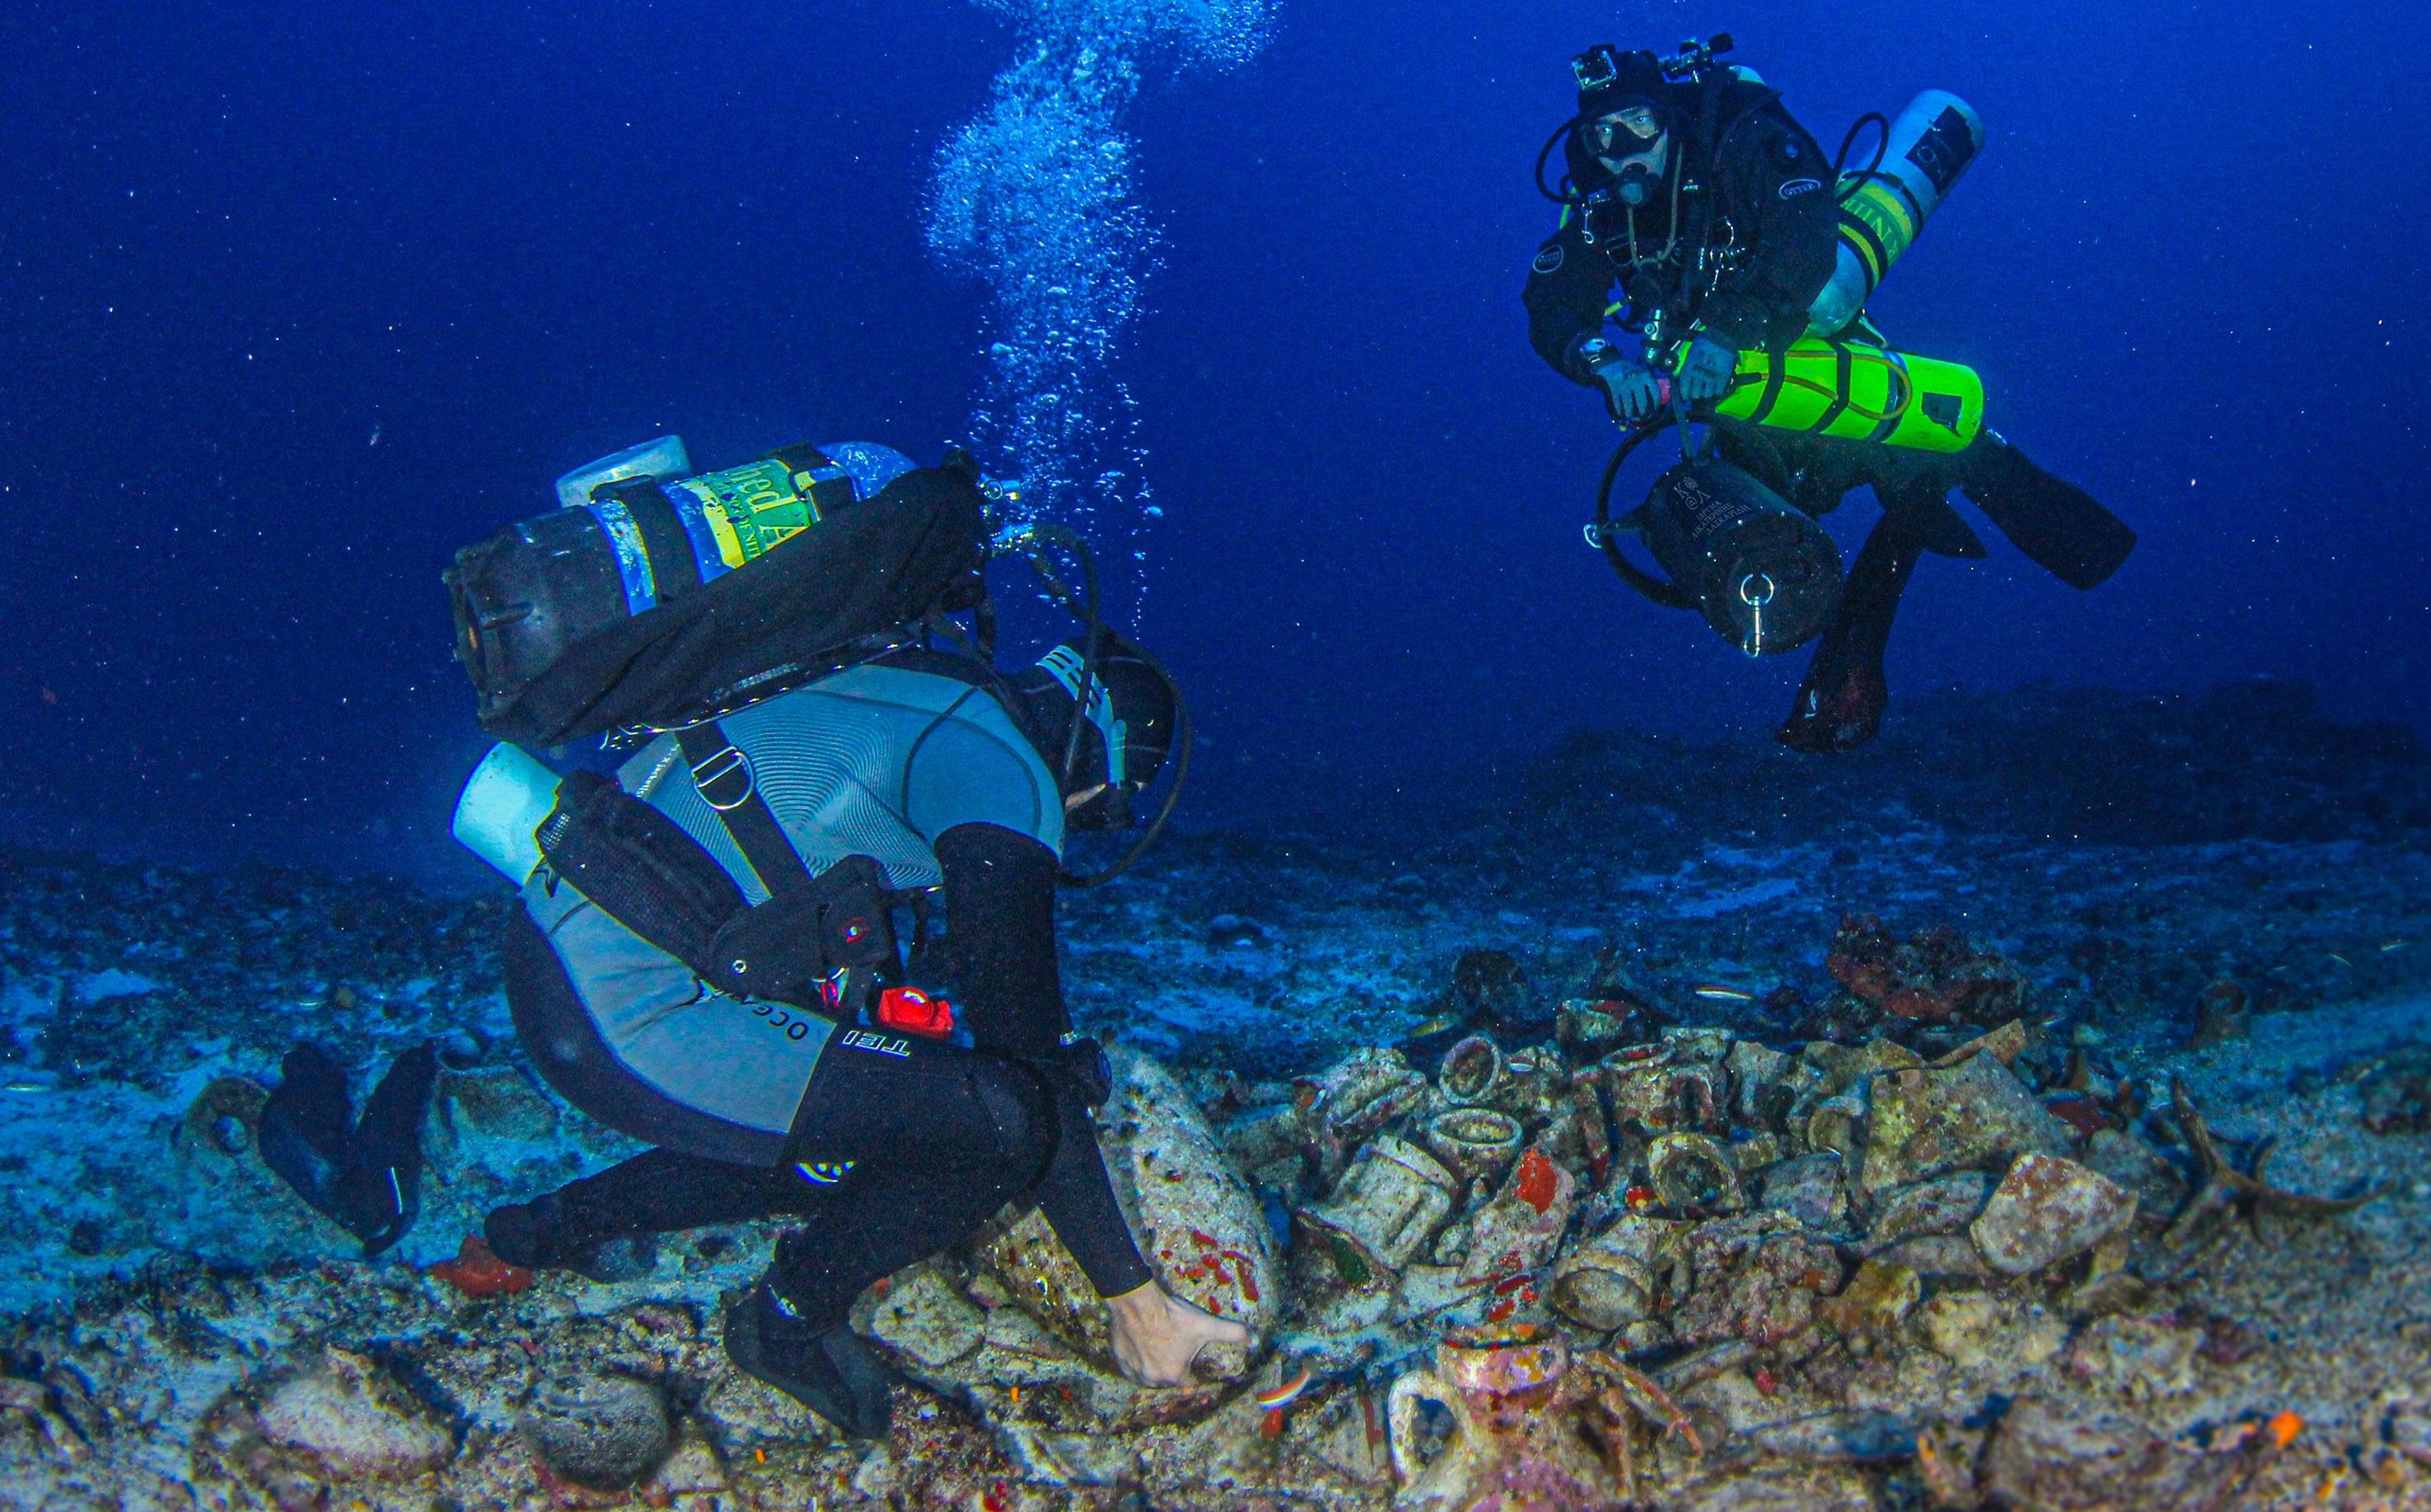 Ο επιστημονικά υπεύθυνος της έρευνας Δρ Γεώργιος Κουτσουφλάκης μετακινεί αμφορέα από το φορτίο του ναυαγίου των Αντικυθήρων. Παρακολουθεί ο τεχνικά υπεύθυνος Αλέξανδρος Σωτηρίου